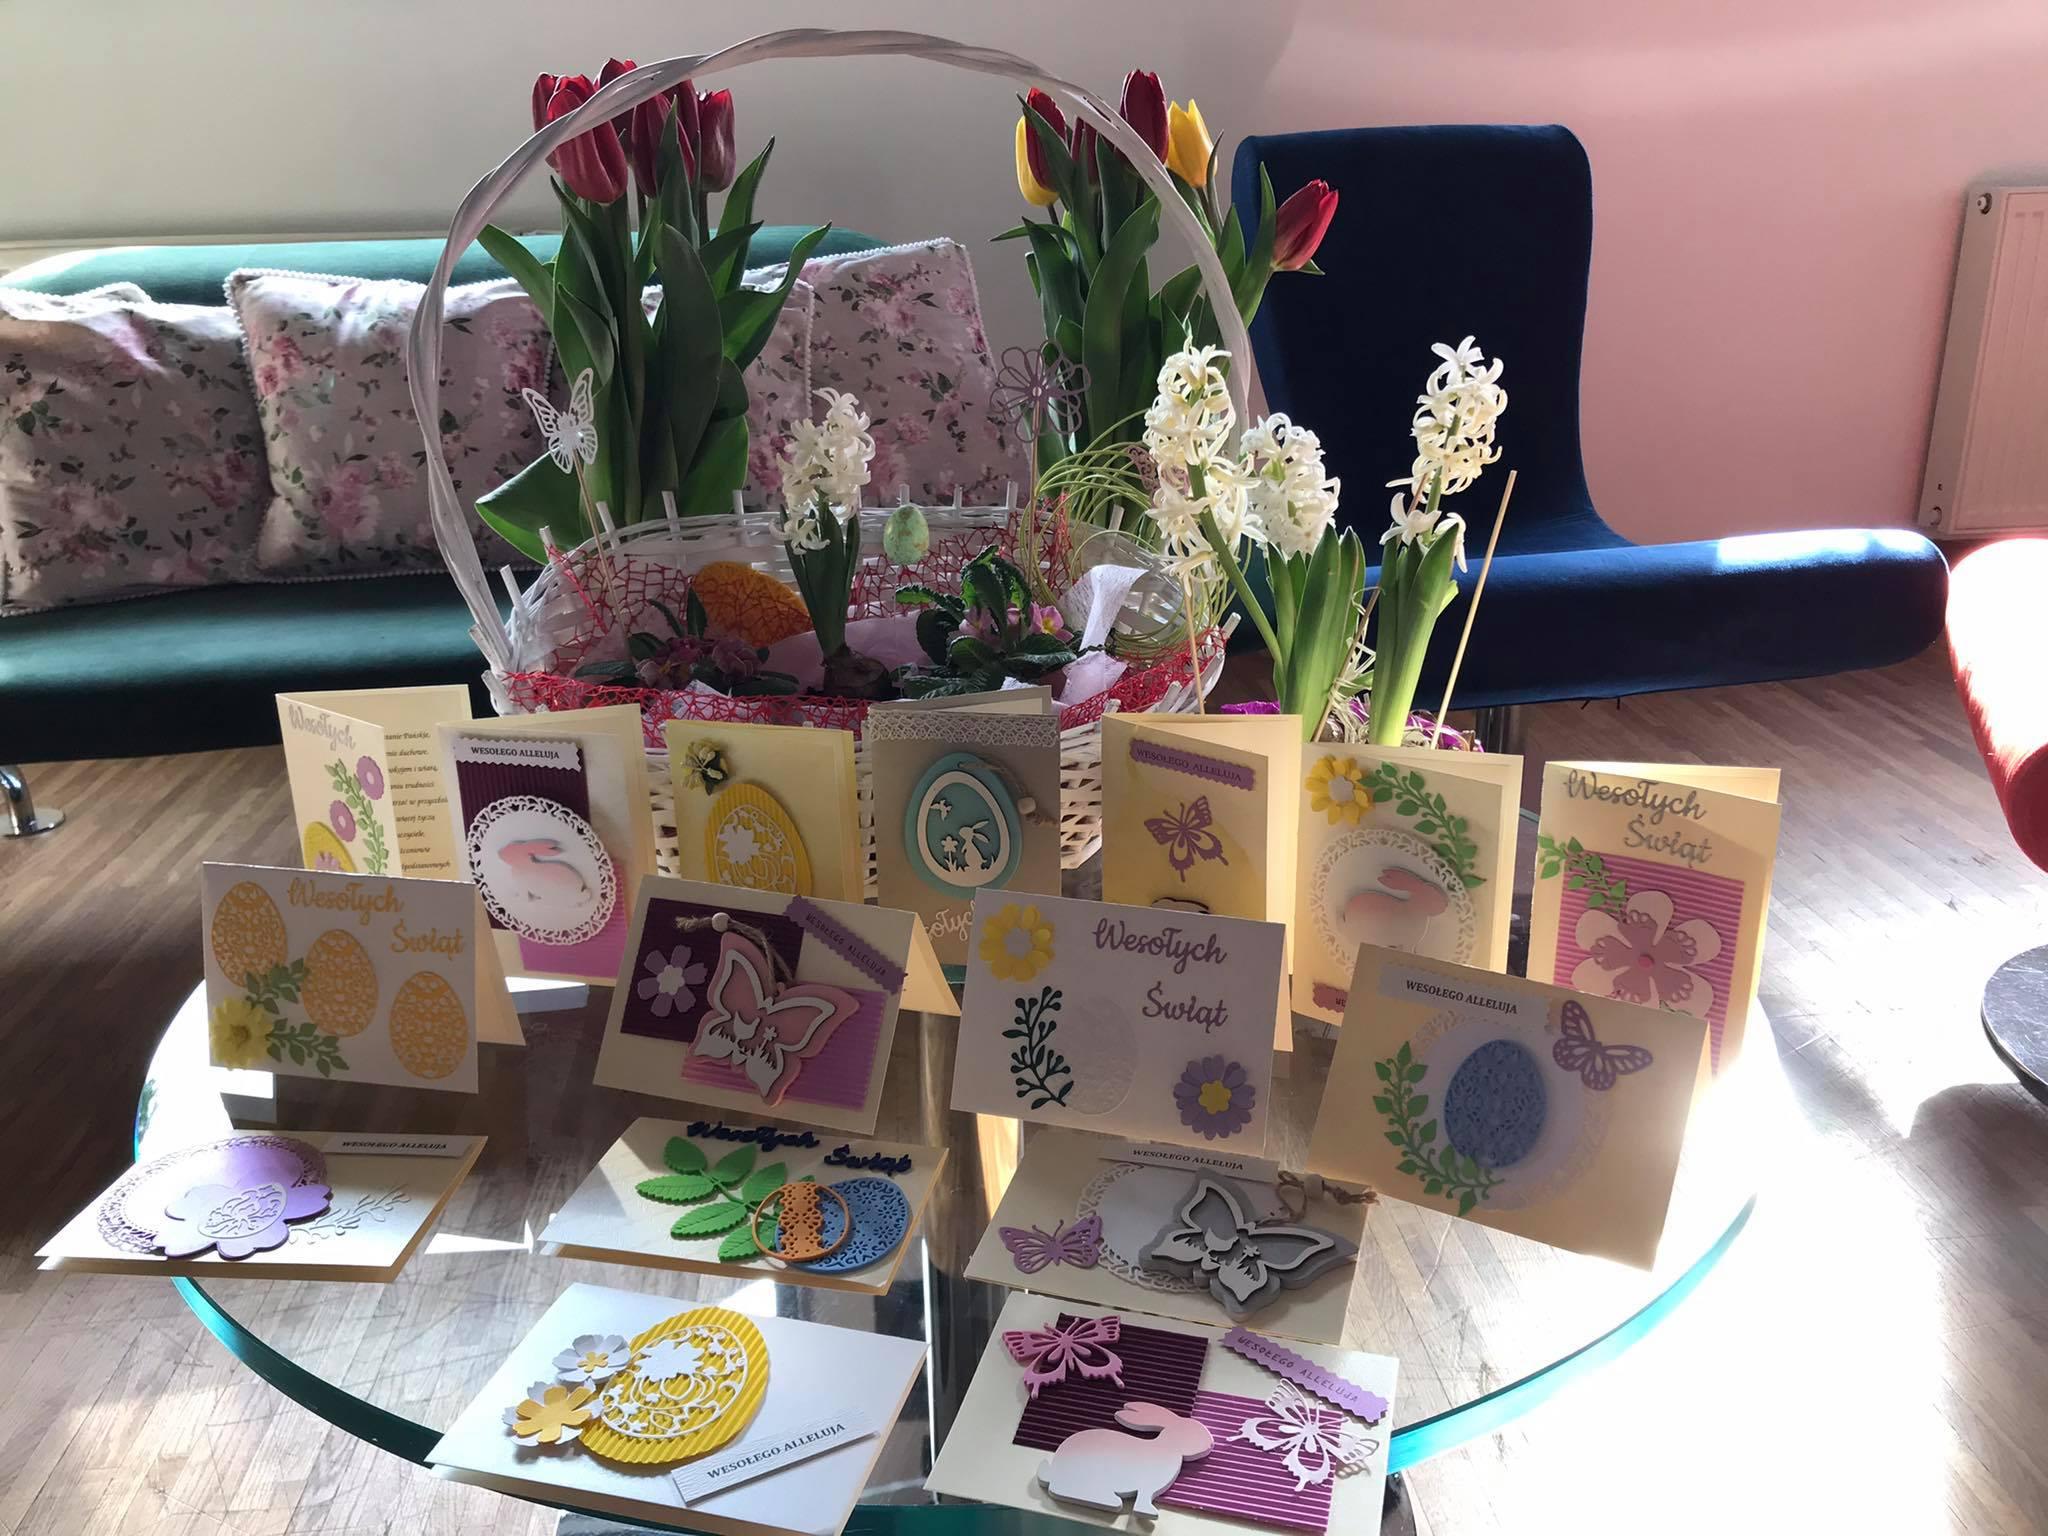 Elementy ozdobne wykonane są z kolorowego papieru: żółtego, zielonego, różowego, fioletowego. Motyle oraz zajączki wykonane są z drewna. Na każdej karcie widnieje napis: Wesołych Świąt.